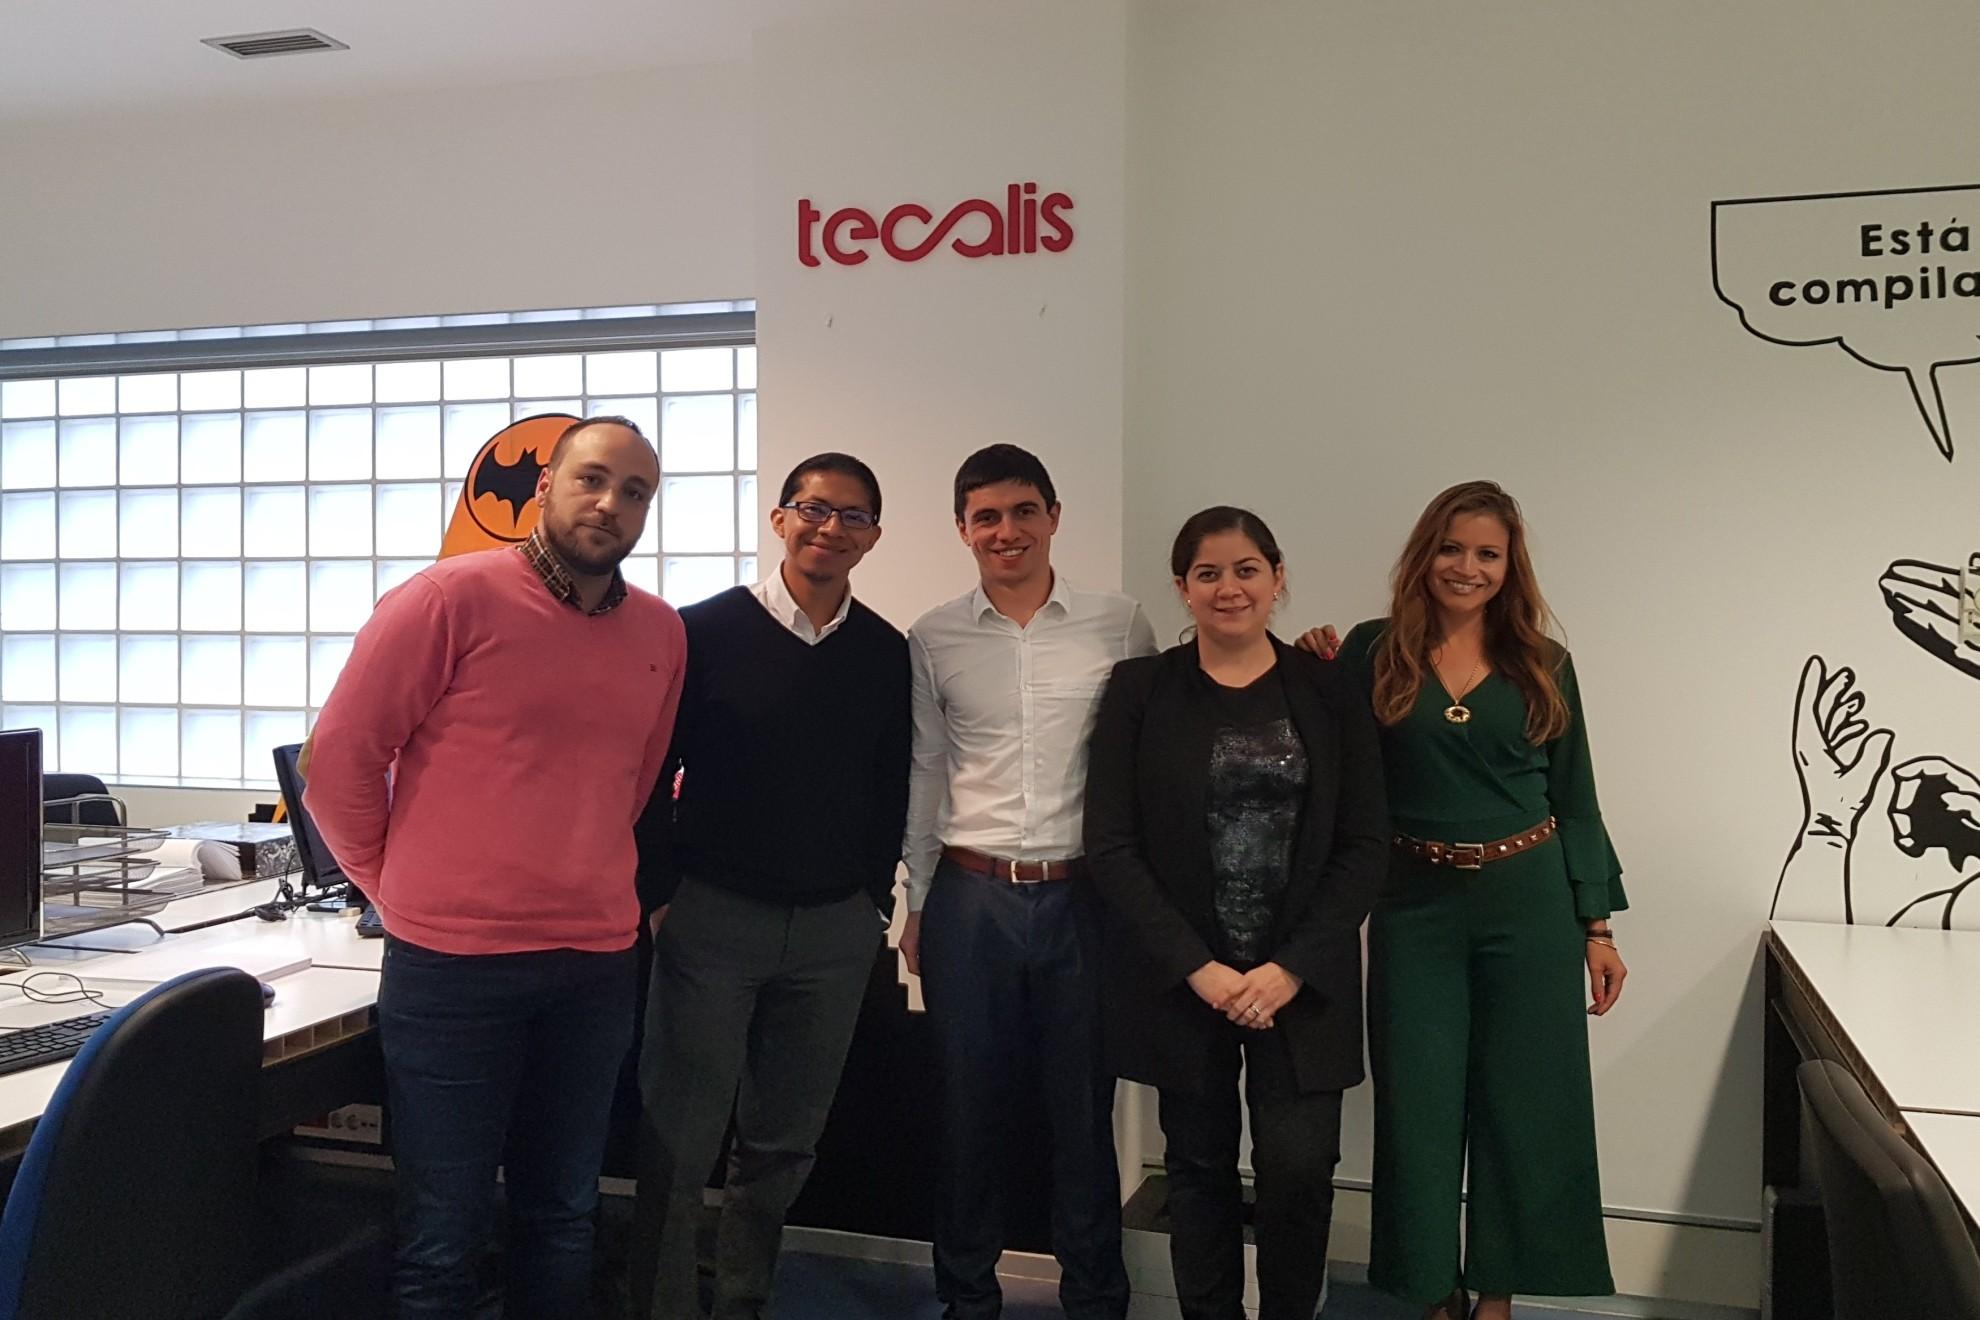 Comitiva ecuatoriana en Tecalis